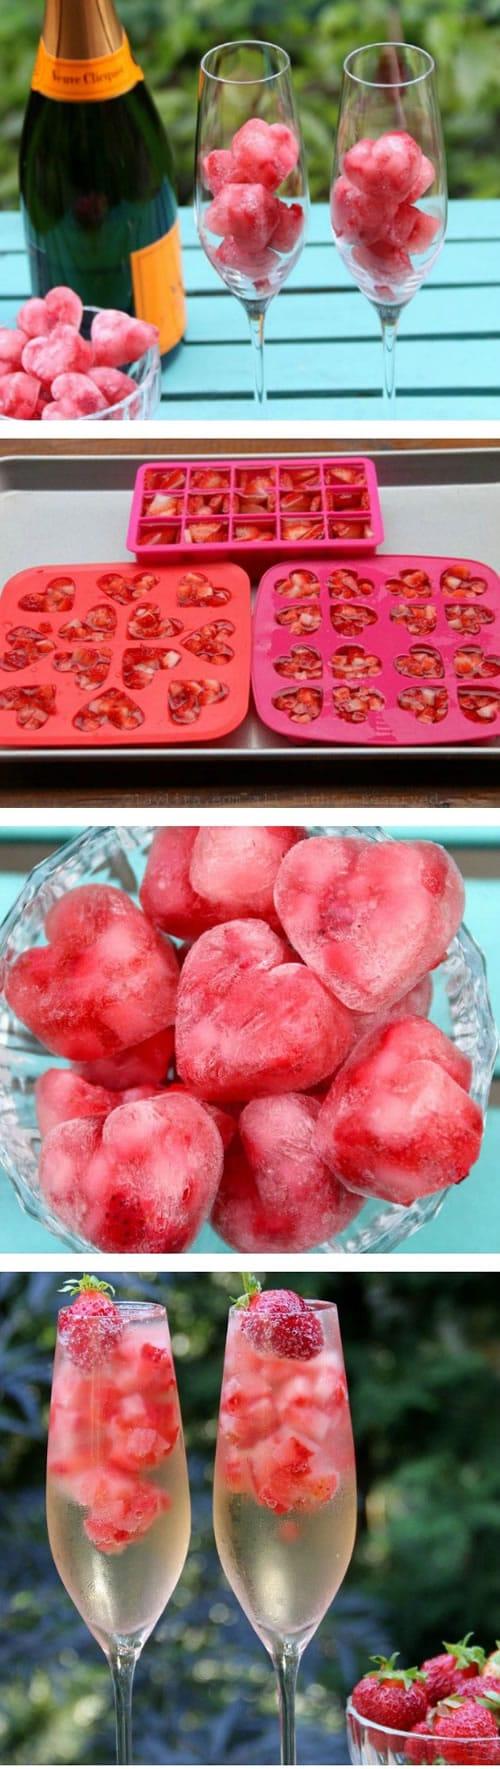 Comida con forma de corazón: cubitos de fruta